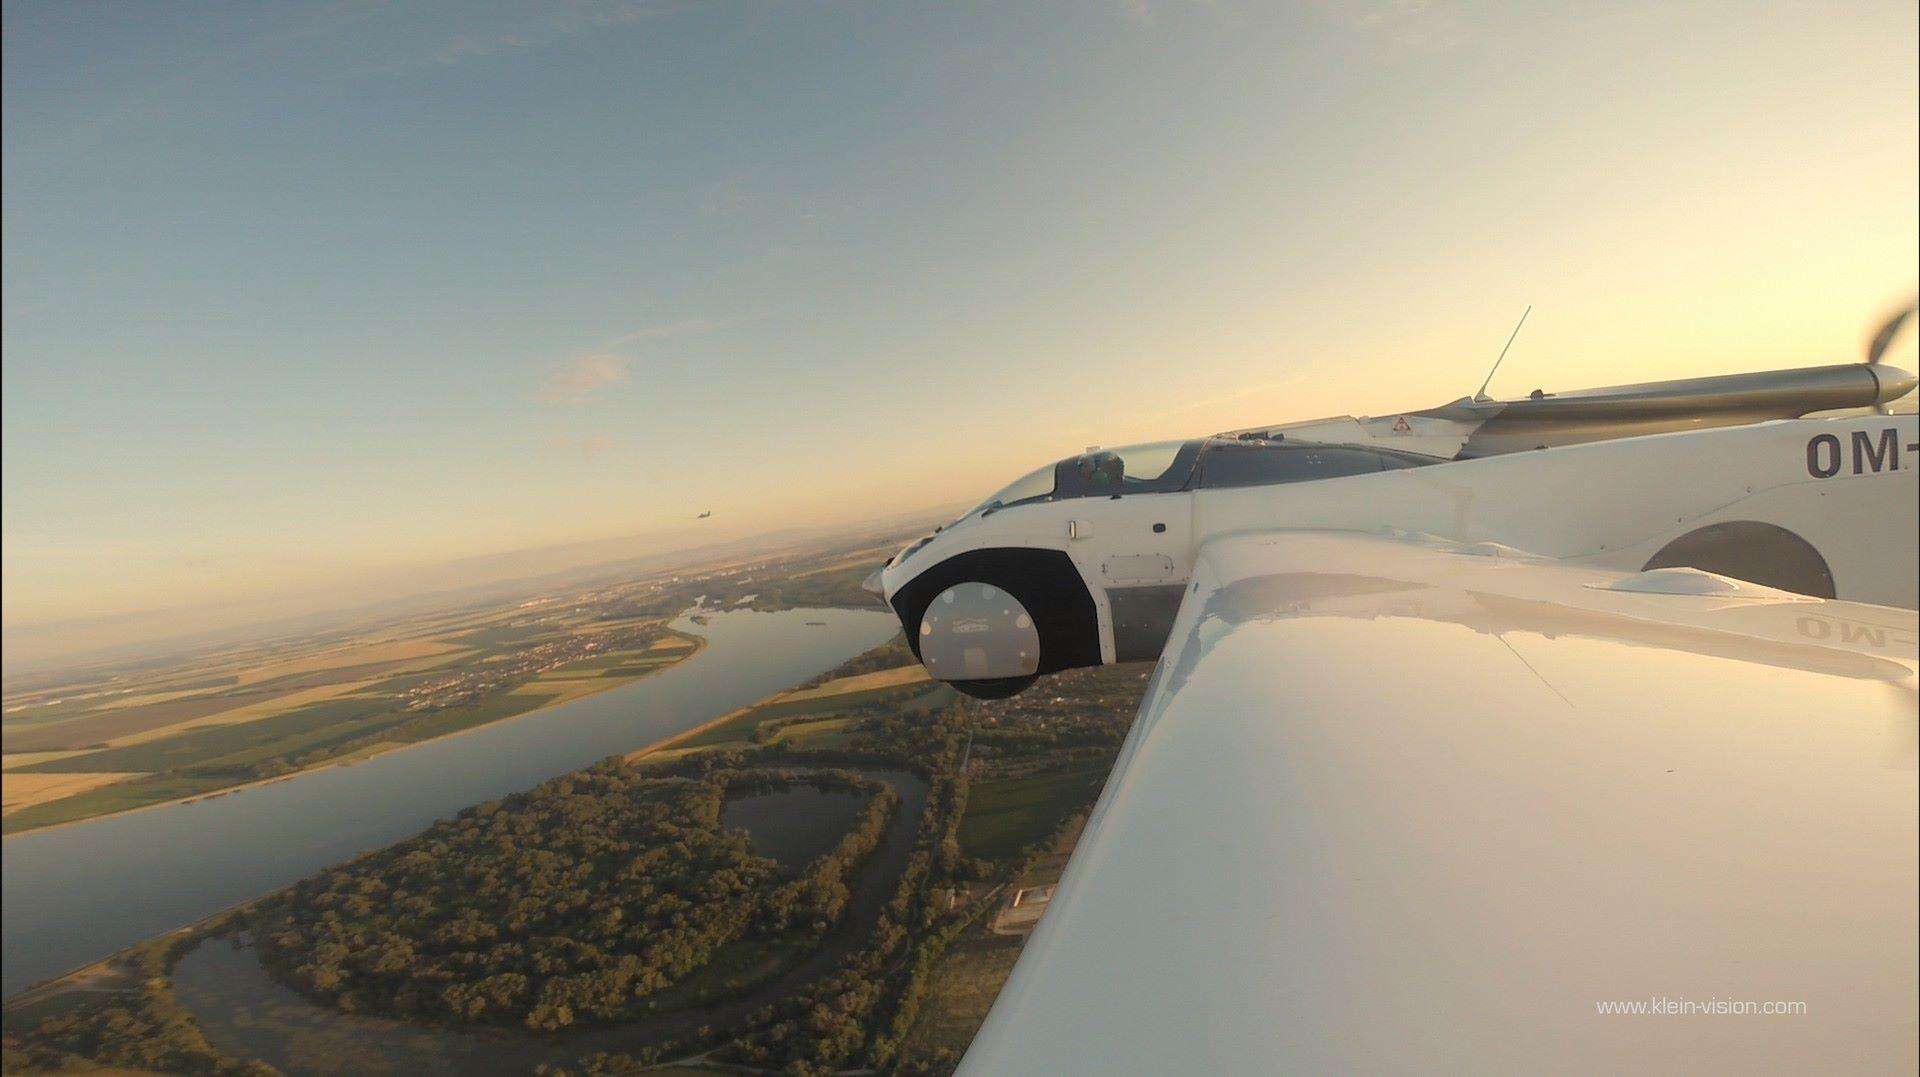 Klein-Vision-AirCar-7